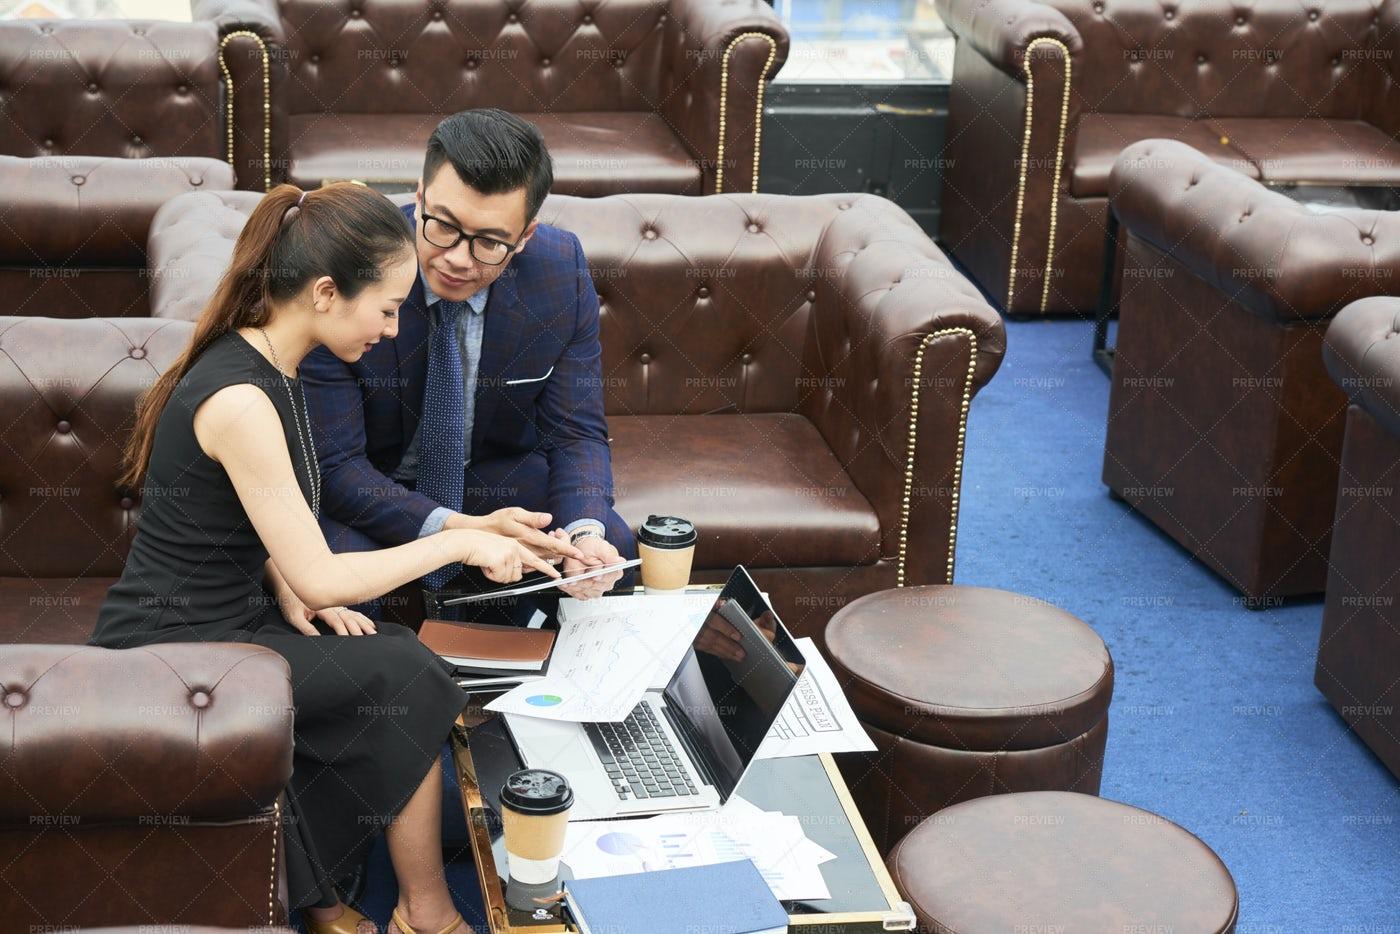 Business Executives Planning Work: Stock Photos